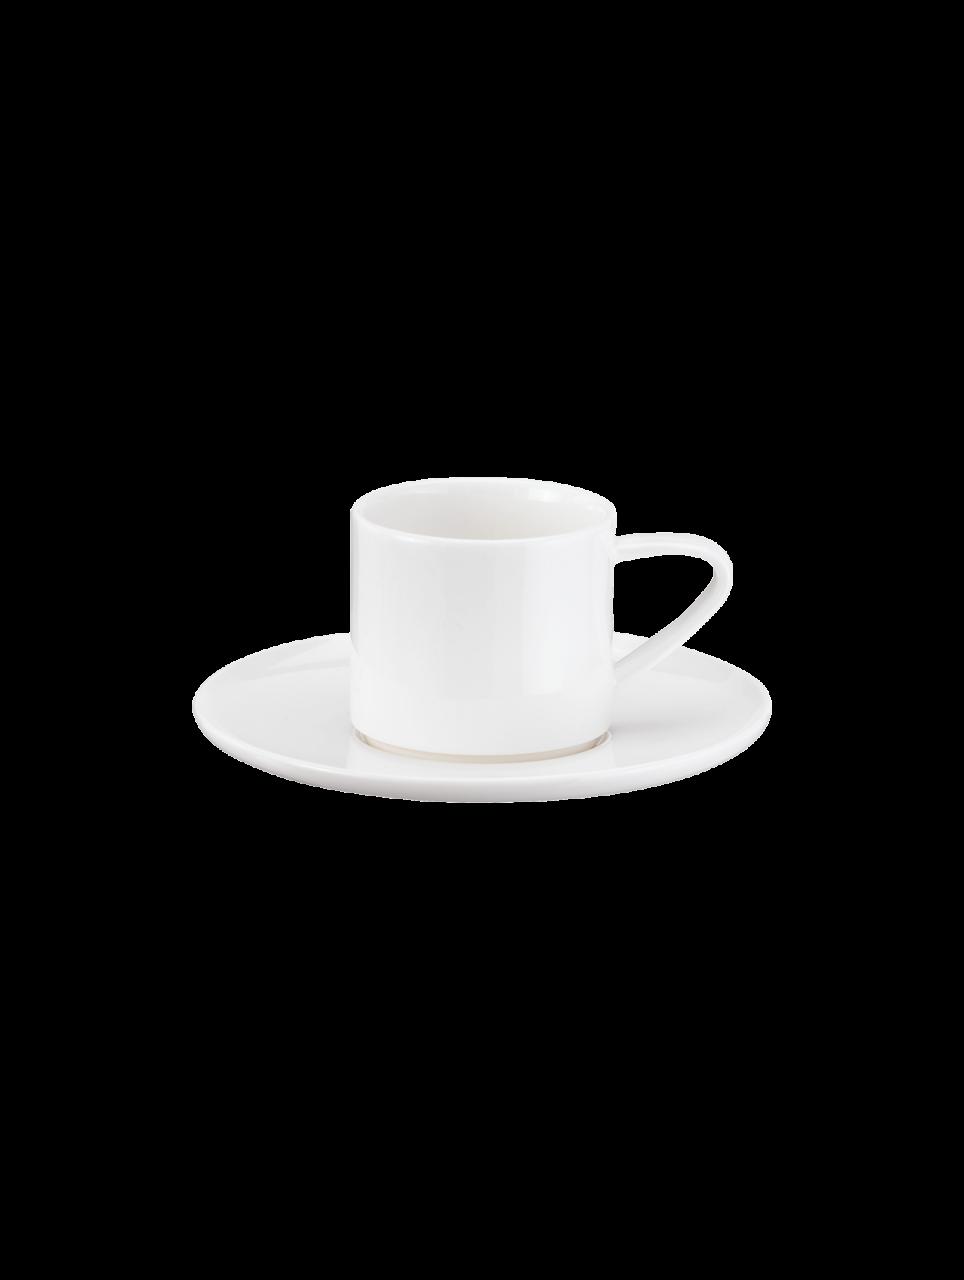 Espressotasse m. unterer stape